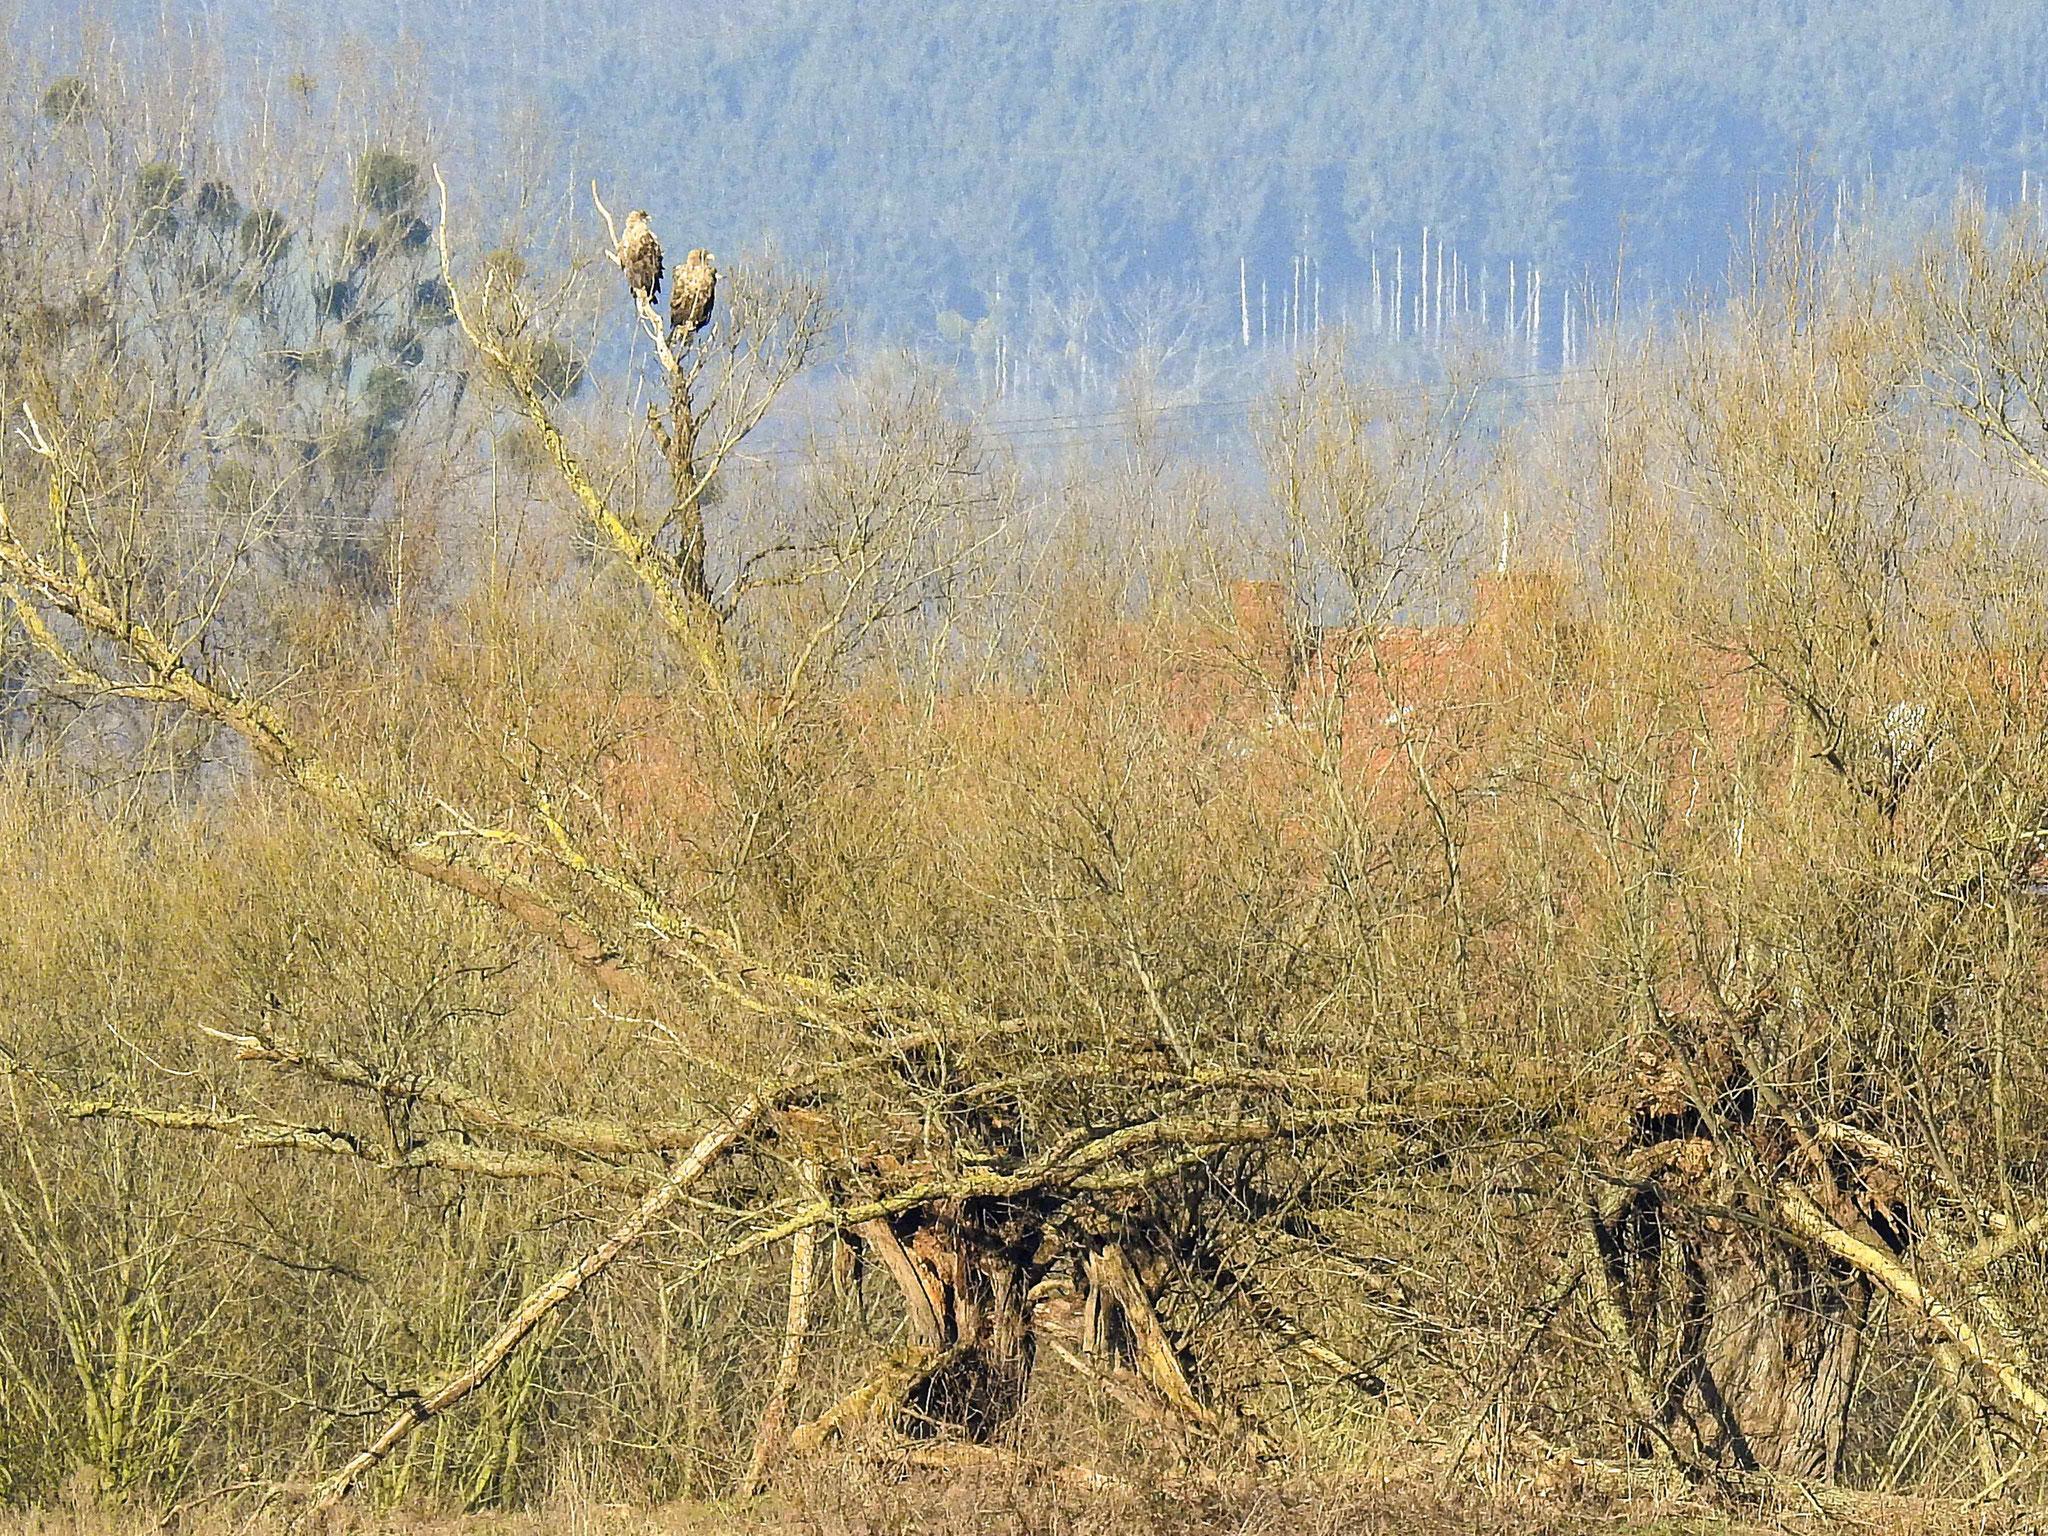 Das Seeadlerpaar lässt sich gerne auf den beiden alten Kopfweiden nieder, die sich am anderen Ufer befinden.